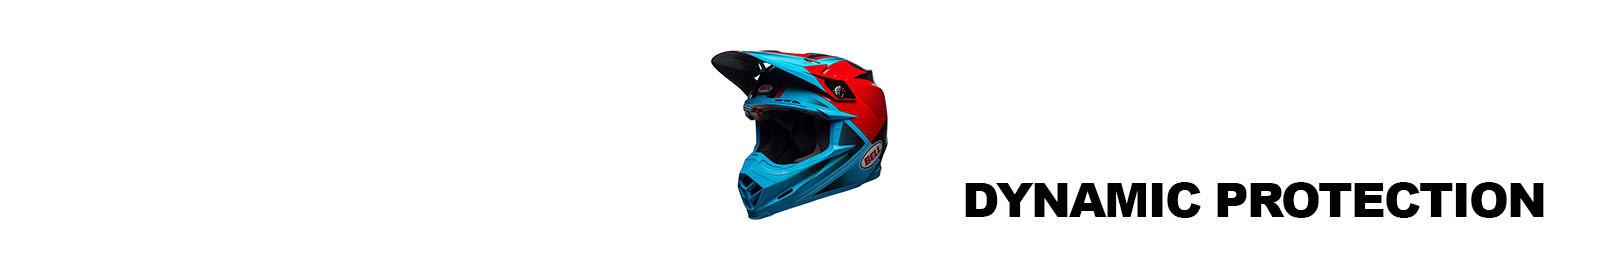 Bell Moto-9 Helmets